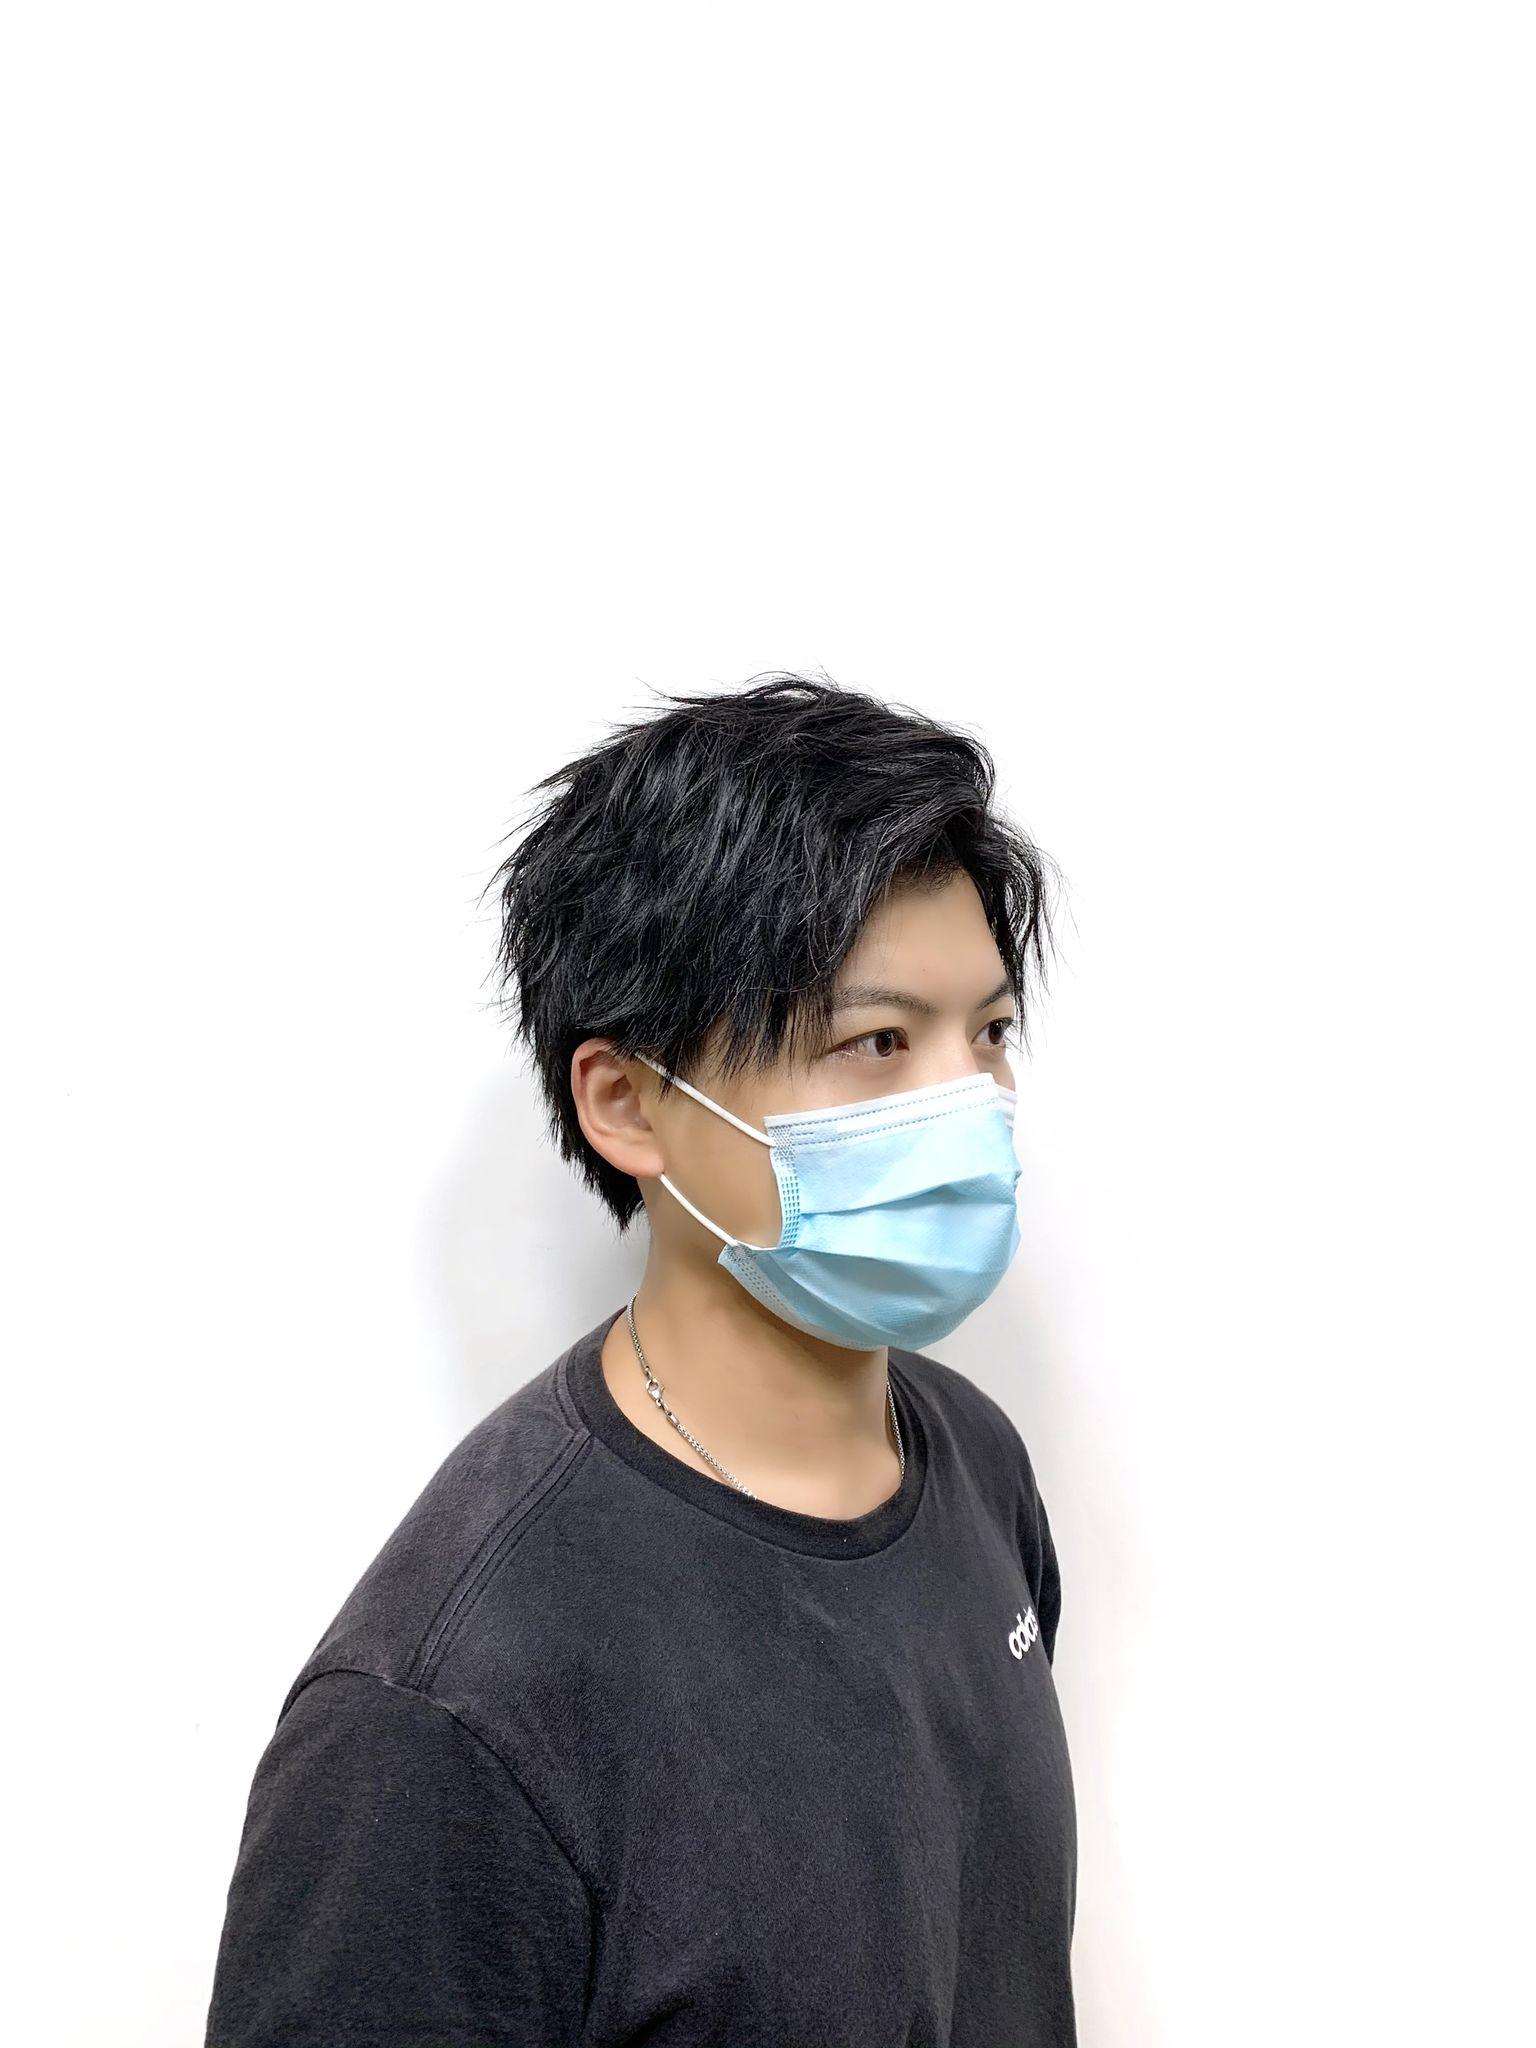 最新美髮作品記得Follow IG:mansonkuhk @ 香港美髮網 HK Hair Salon